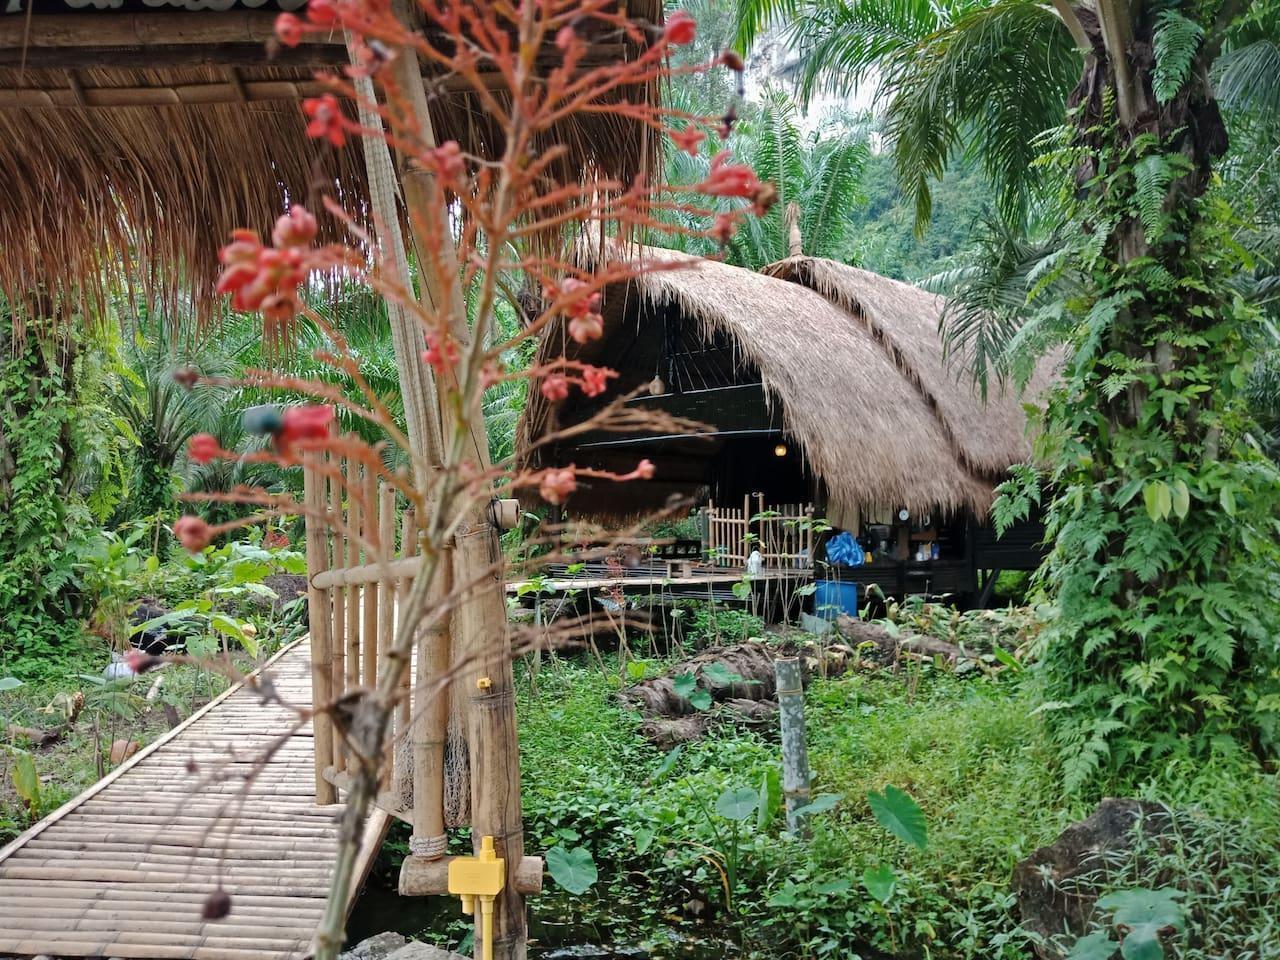 AOLUEK PARADISE. TONPRAO บังกะโล 3 ห้องนอน 0 ห้องน้ำส่วนตัว ขนาด 90 ตร.ม. – อ่าวลึก